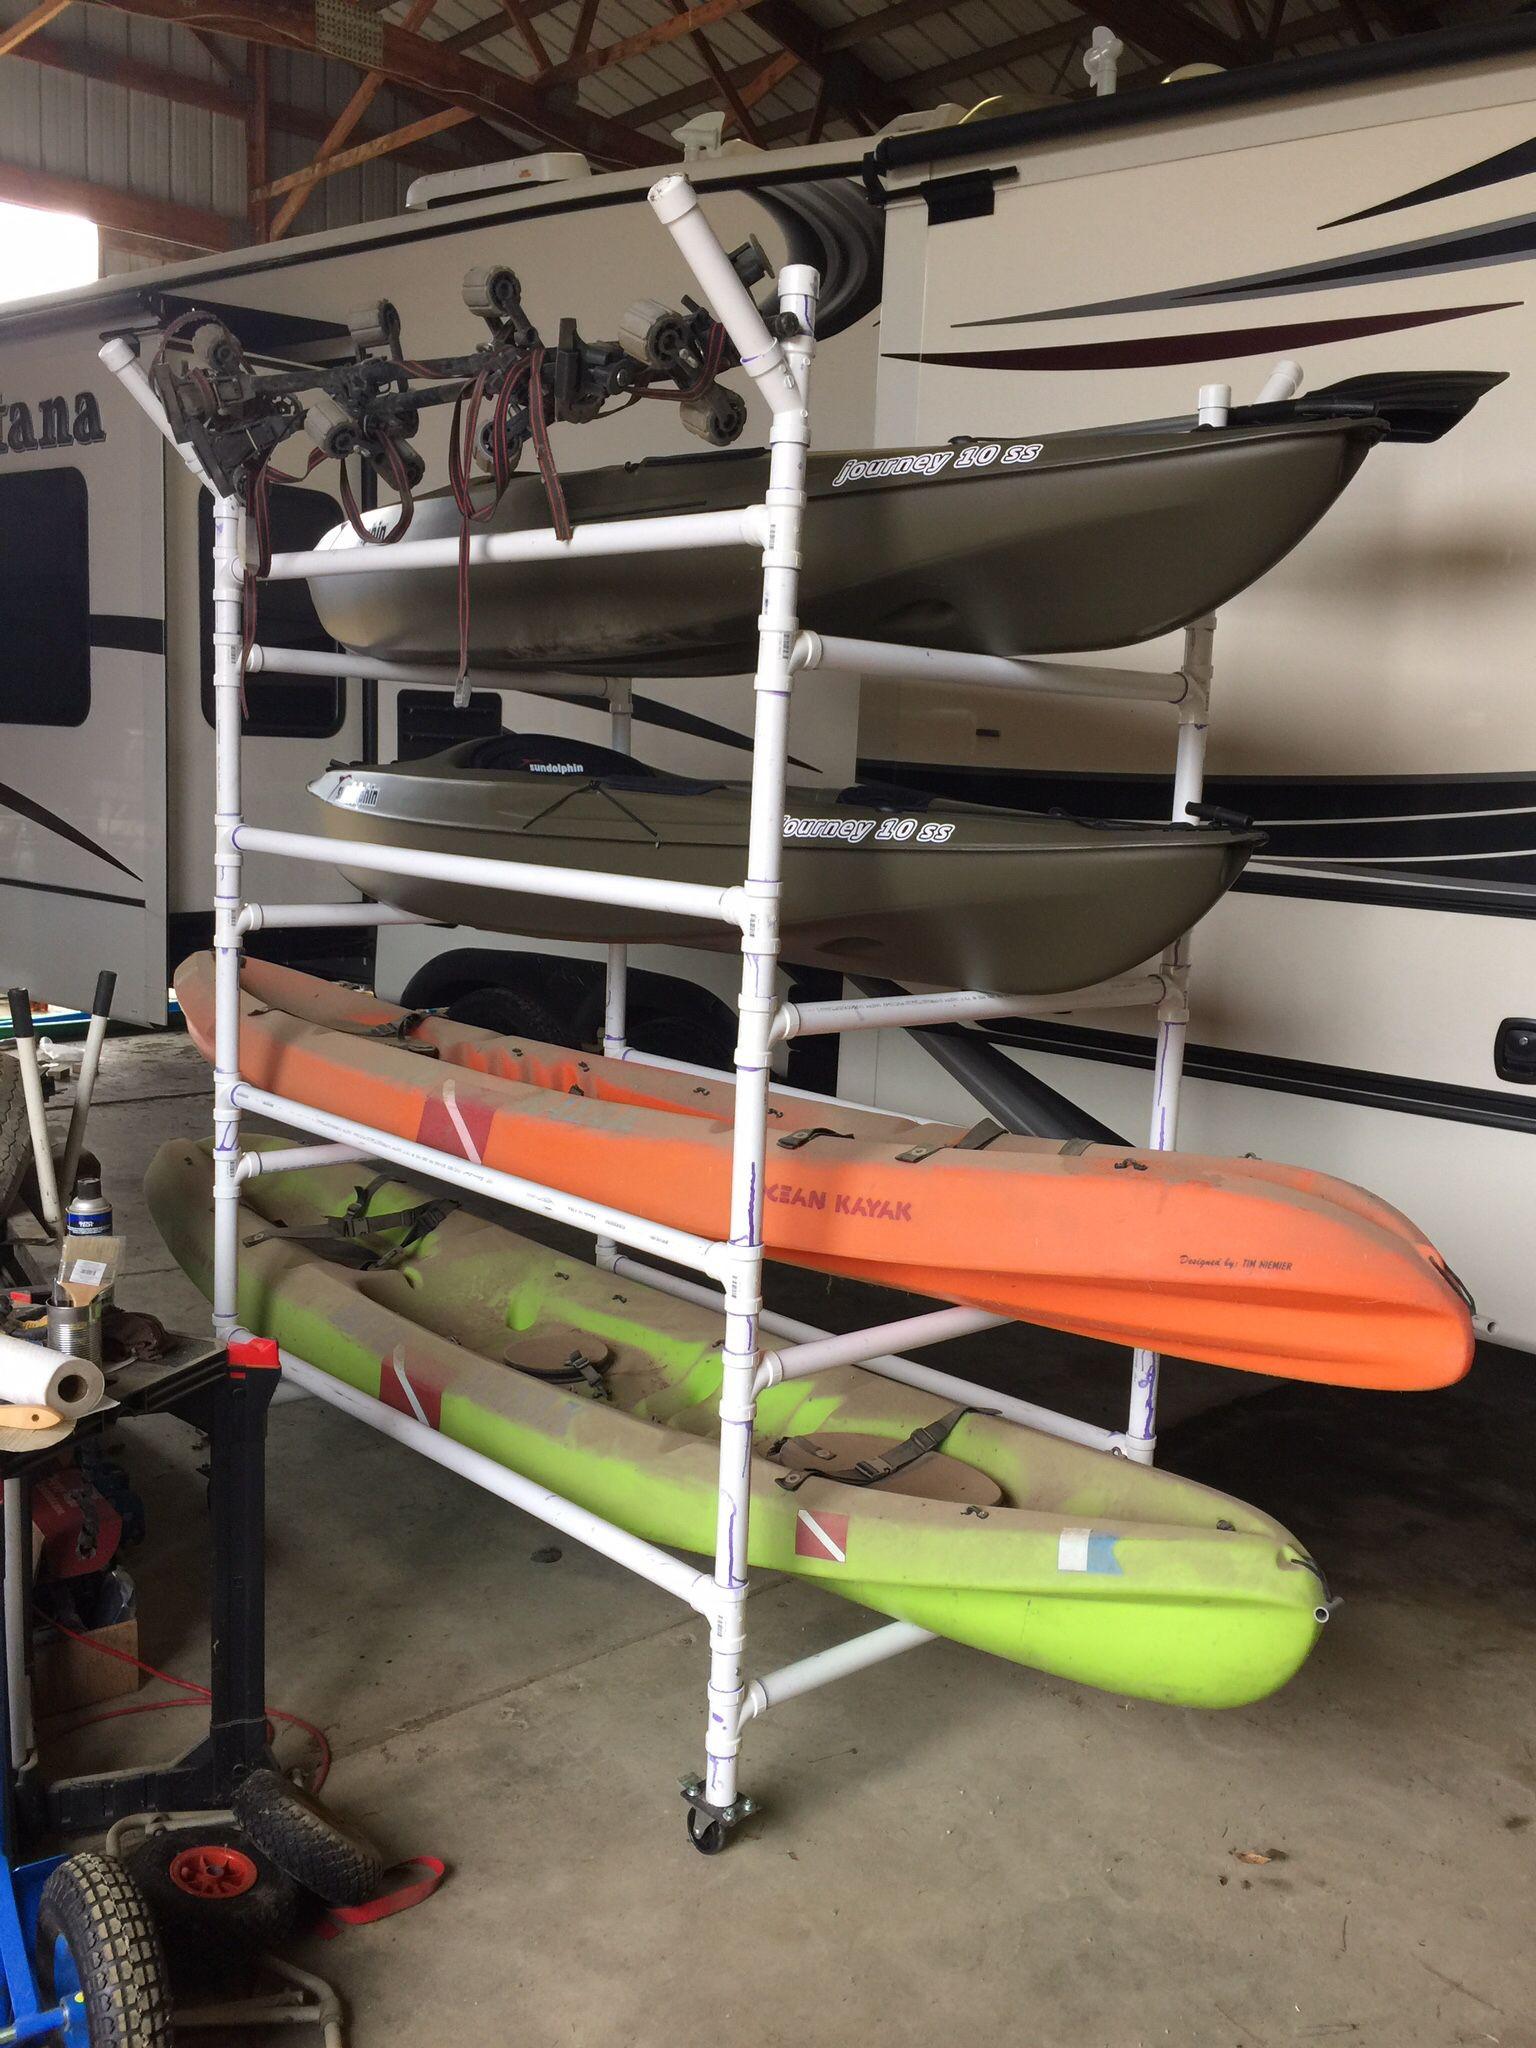 Best ideas about DIY Kayak Rack Garage . Save or Pin Homemade PVC kayak rack can store 4 kayaks paddles Now.